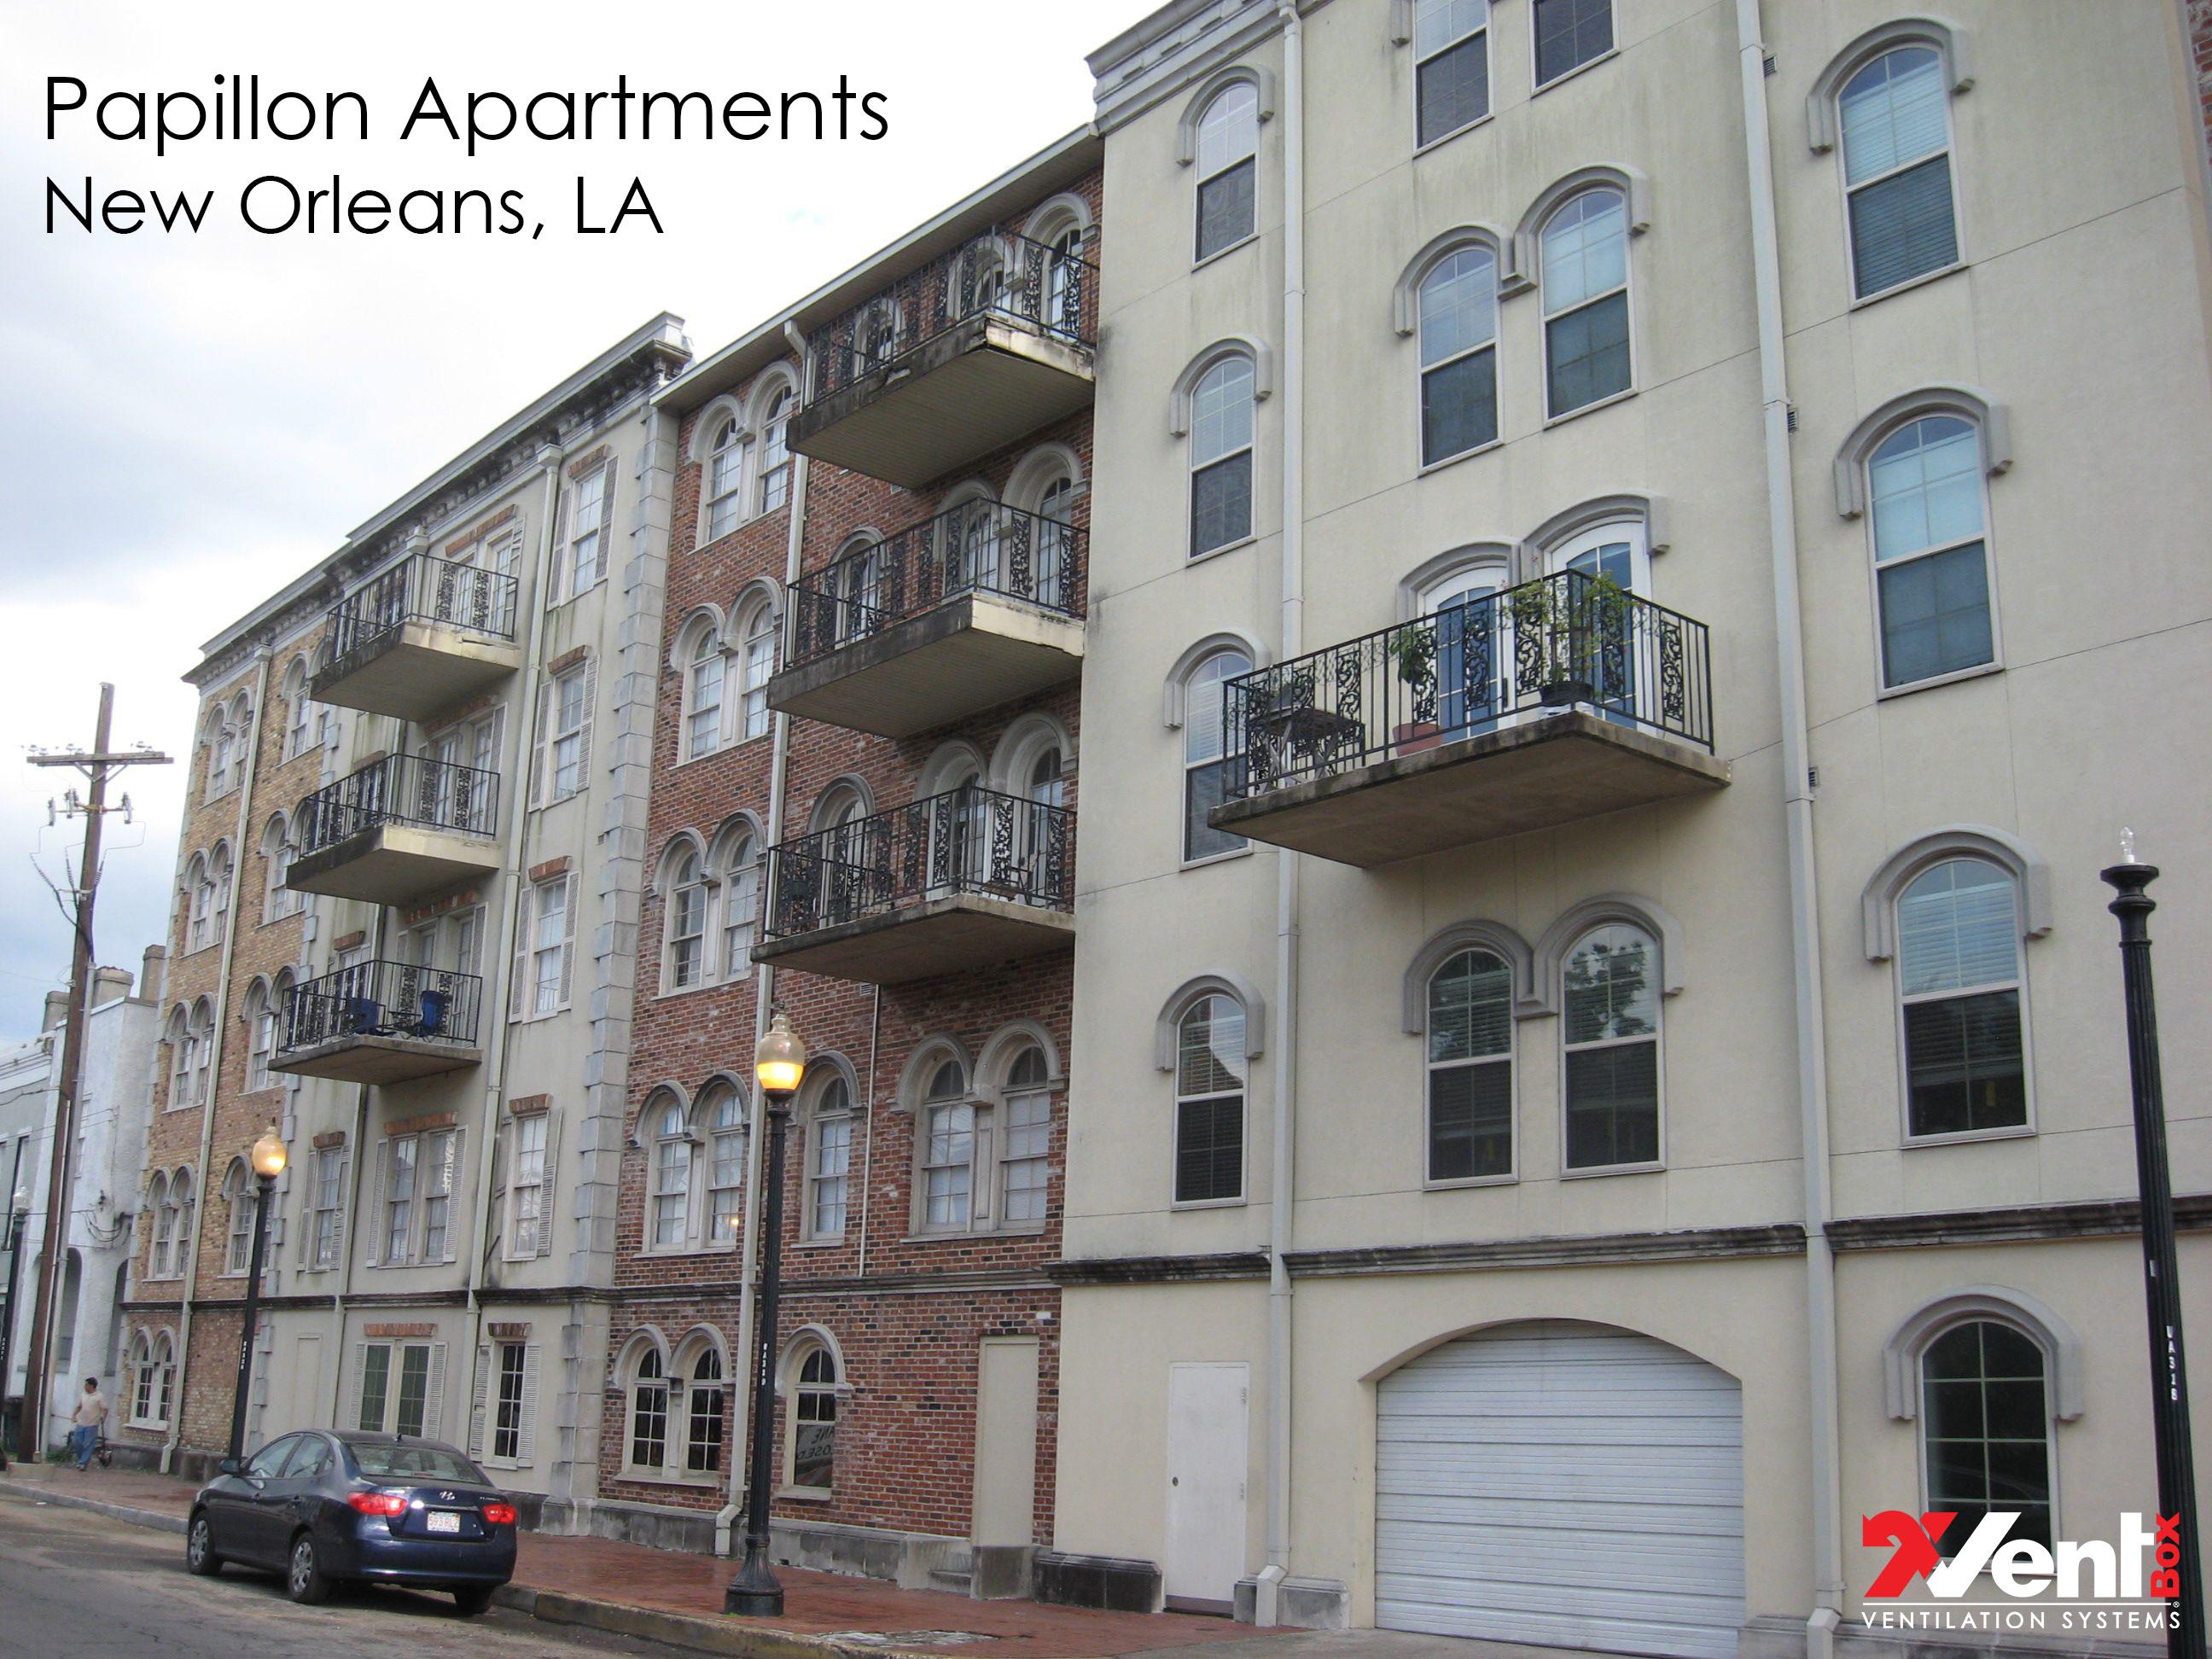 Papillon Apartments